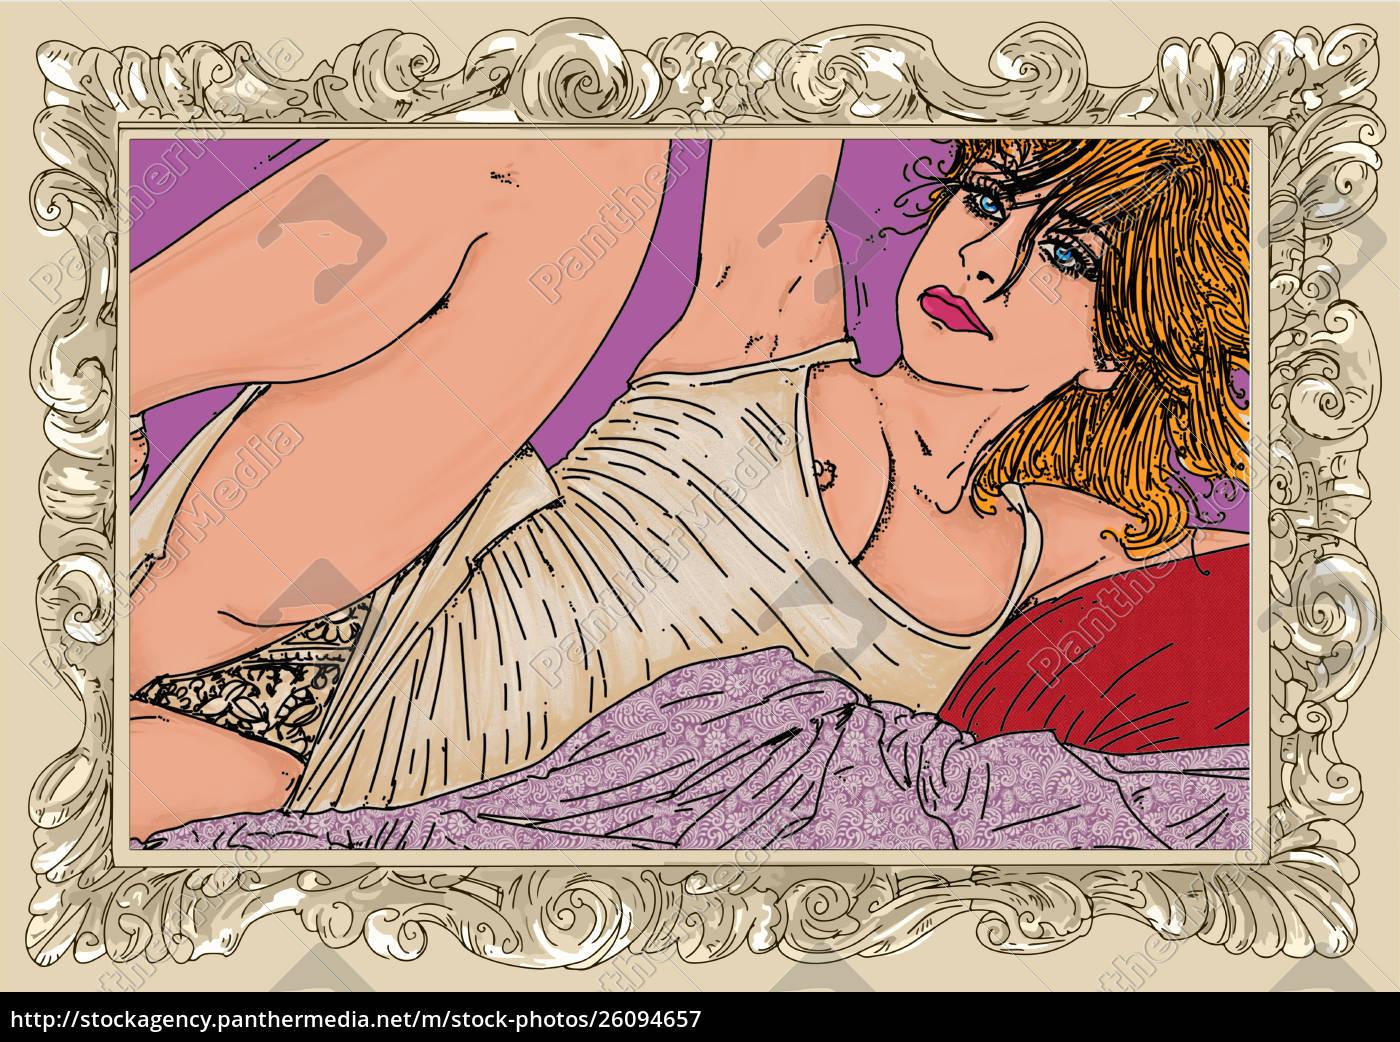 , kvinde, erotisk, raffineret, og, sensuel, linje - 26094657